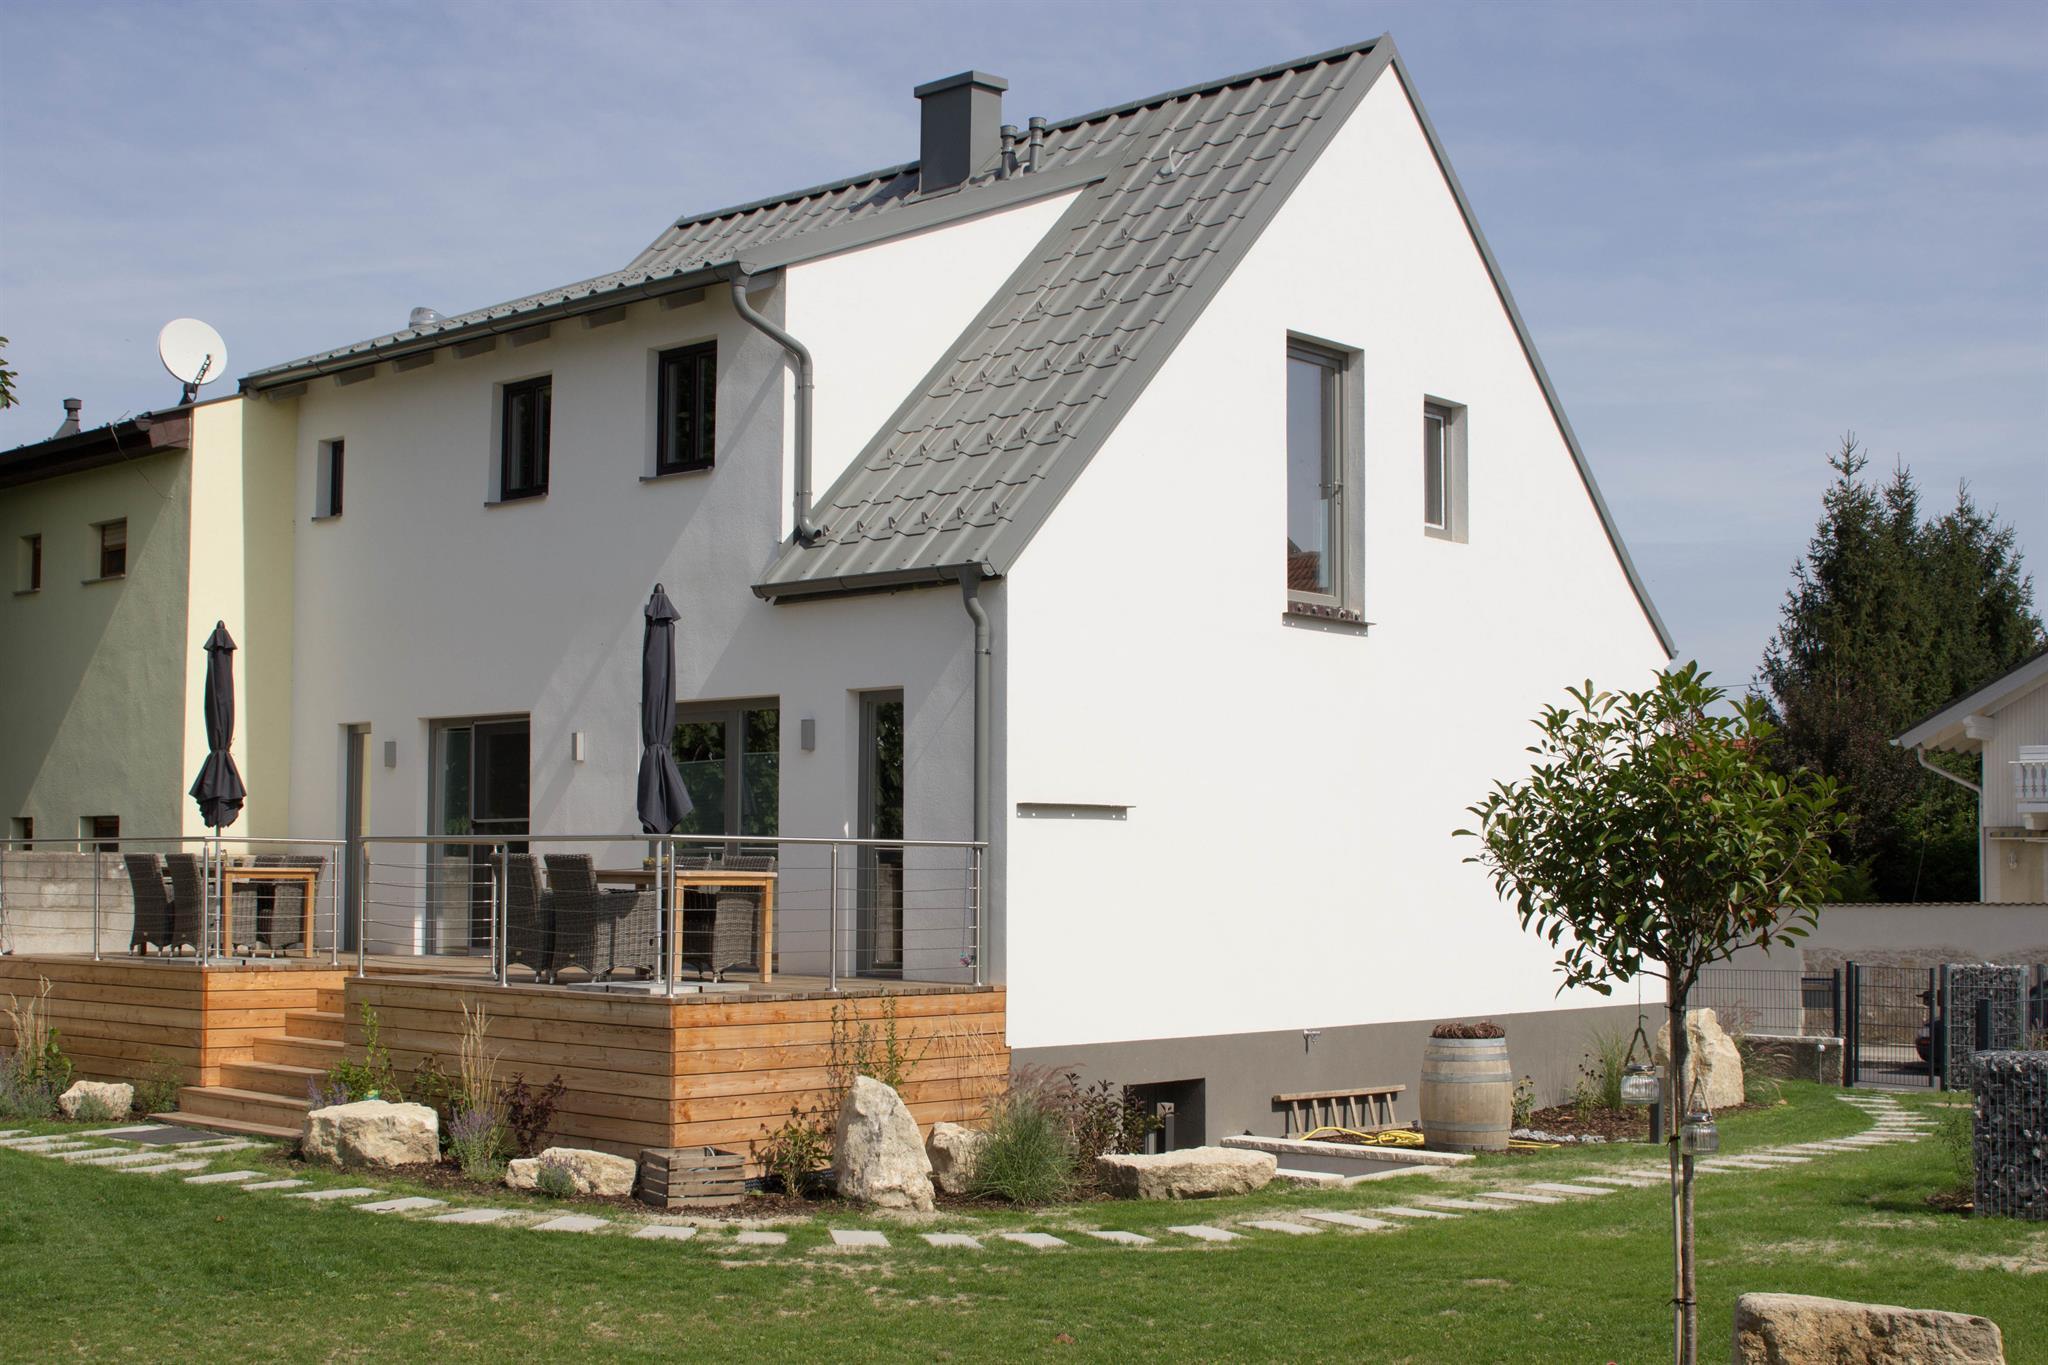 Ferienwohnung Logis 11 Appartement/Fewo, Dusche, WC, 1 Schlafraum (2468674), Rust (AT), Neusiedler See, Burgenland, Österreich, Bild 13